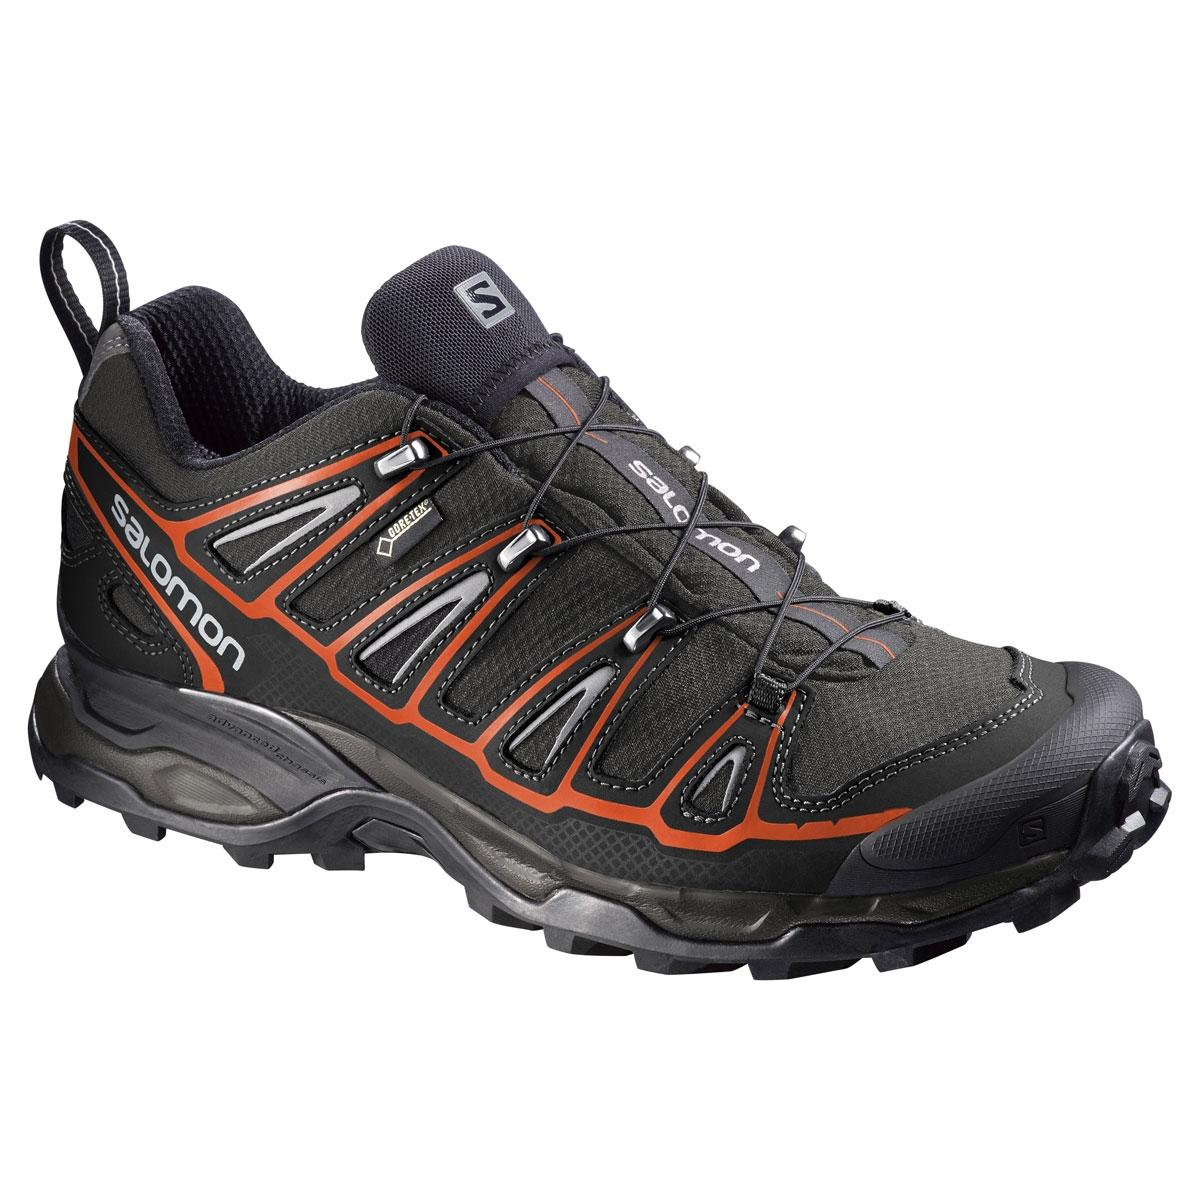 buy \u003e x ultra 2 gtx men's hiking shoes